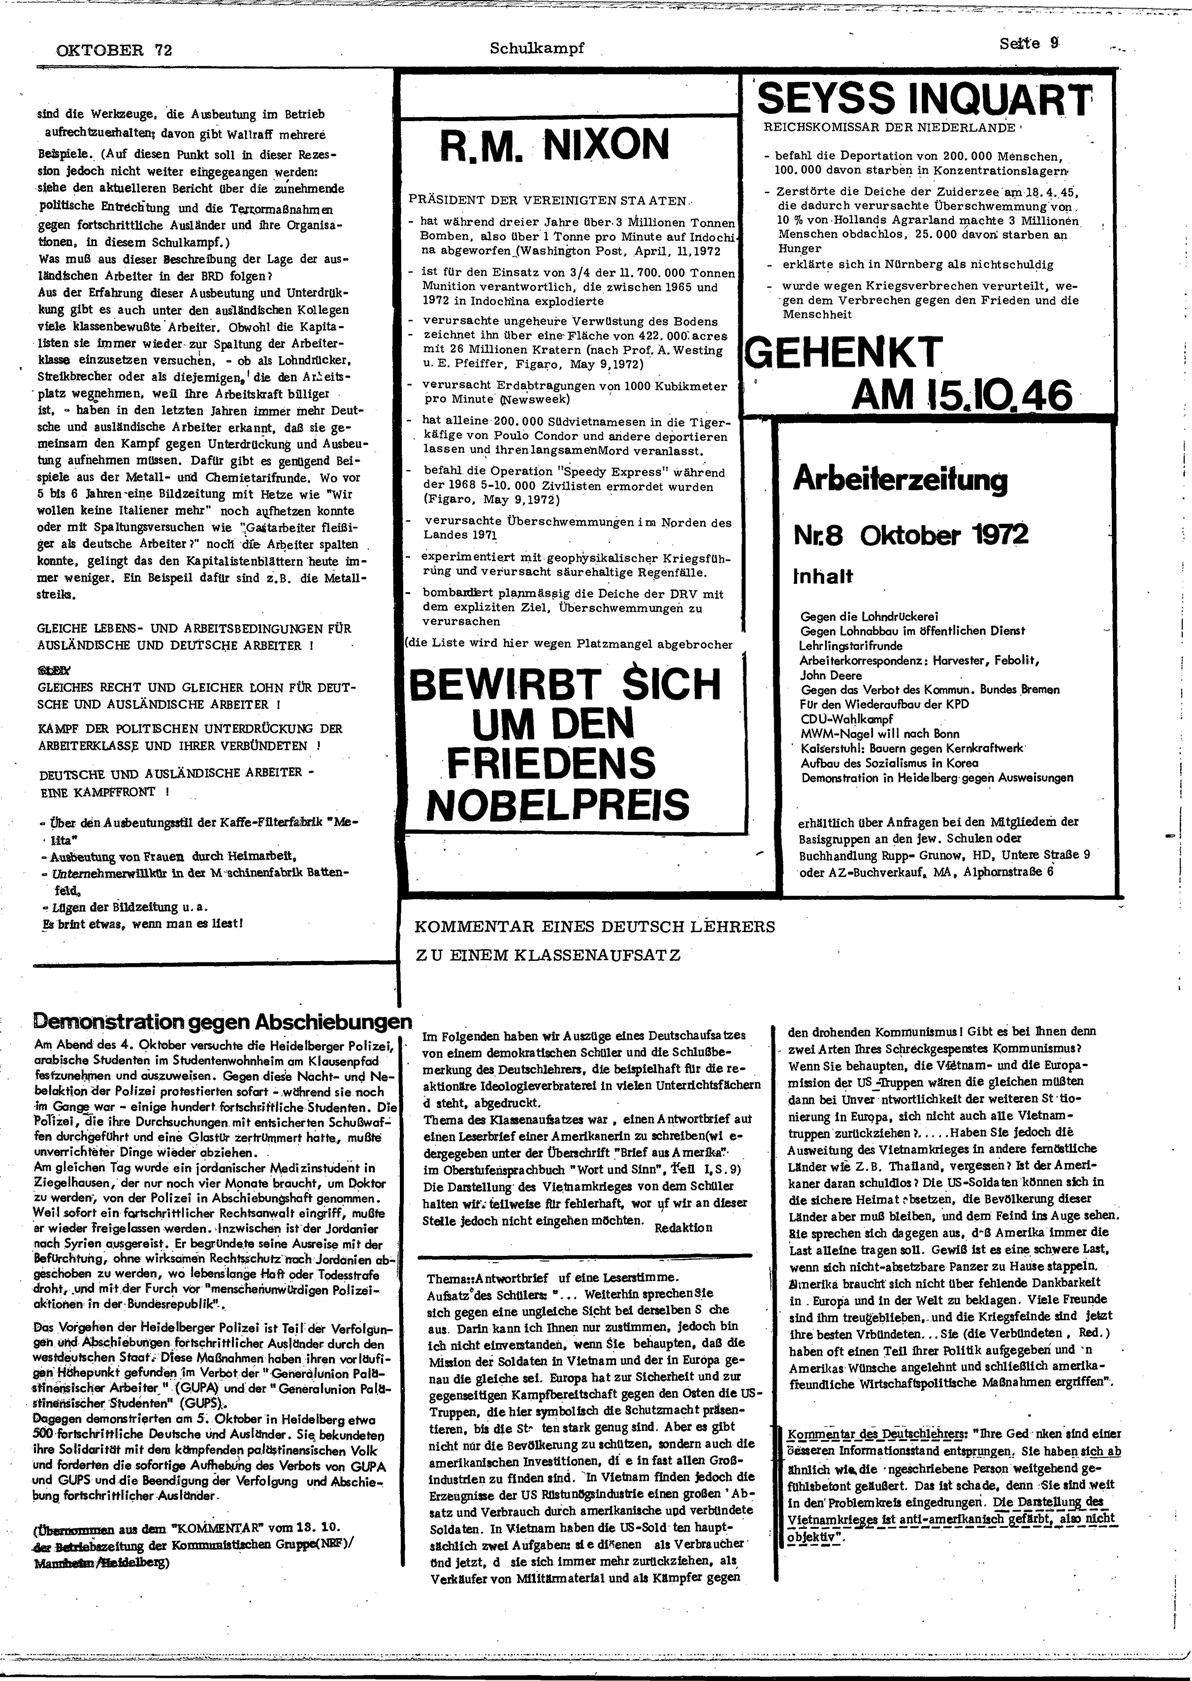 Schulkampf_HD_1972_05_09